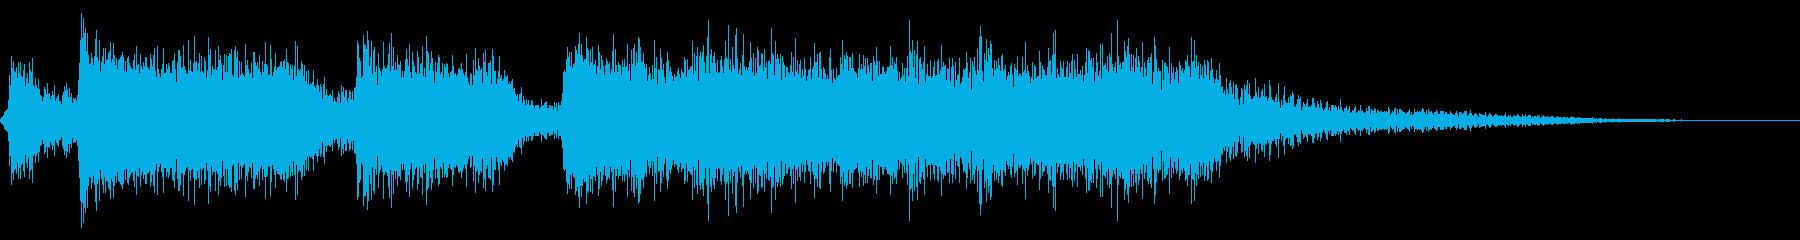 ファンファーレ・ブラス・歓喜・豪華・6秒の再生済みの波形